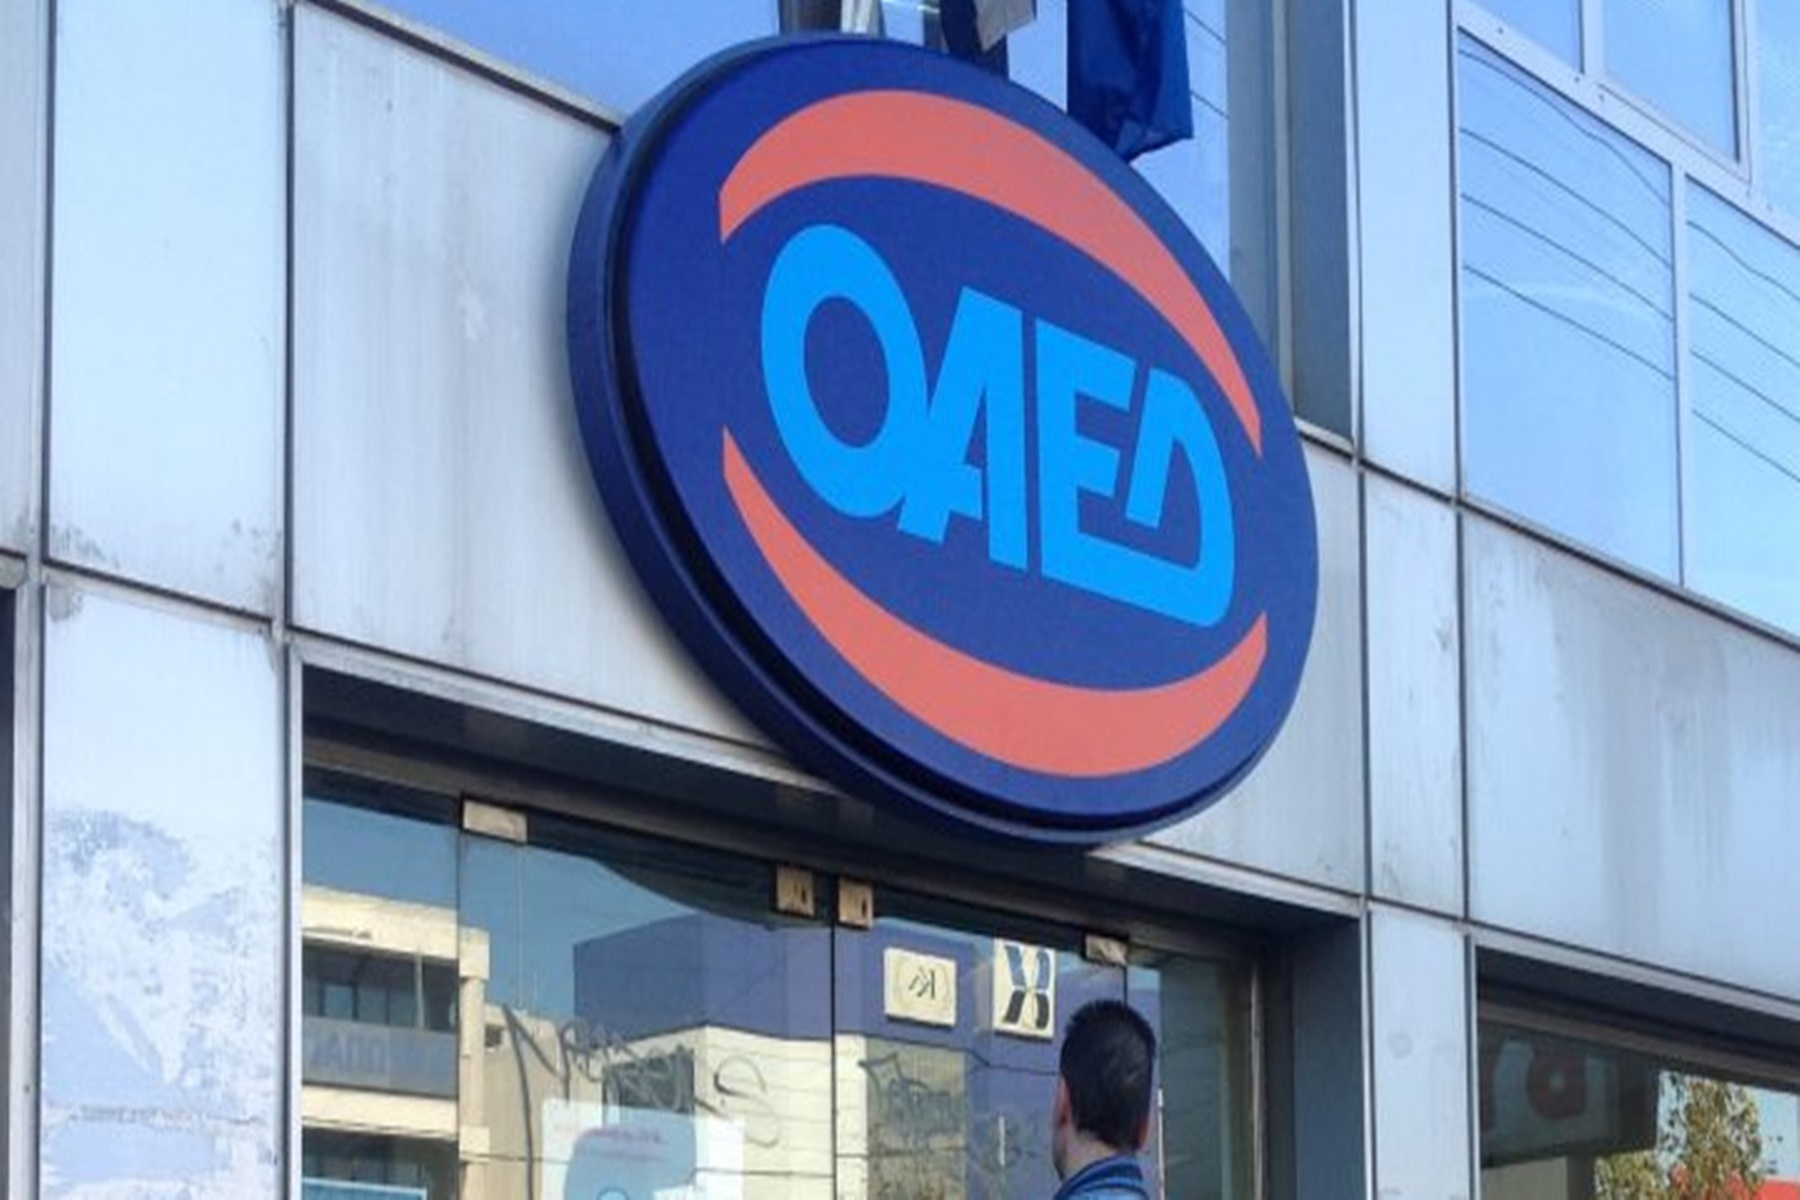 ΟΑΕΔ: Τελευταία εβδομάδα για τις αιτήσεις για το Πρόγραμμα επιχορήγησης επιχειρηματικών πρωτοβουλιών απασχόλησης νέων επαγγελματιών